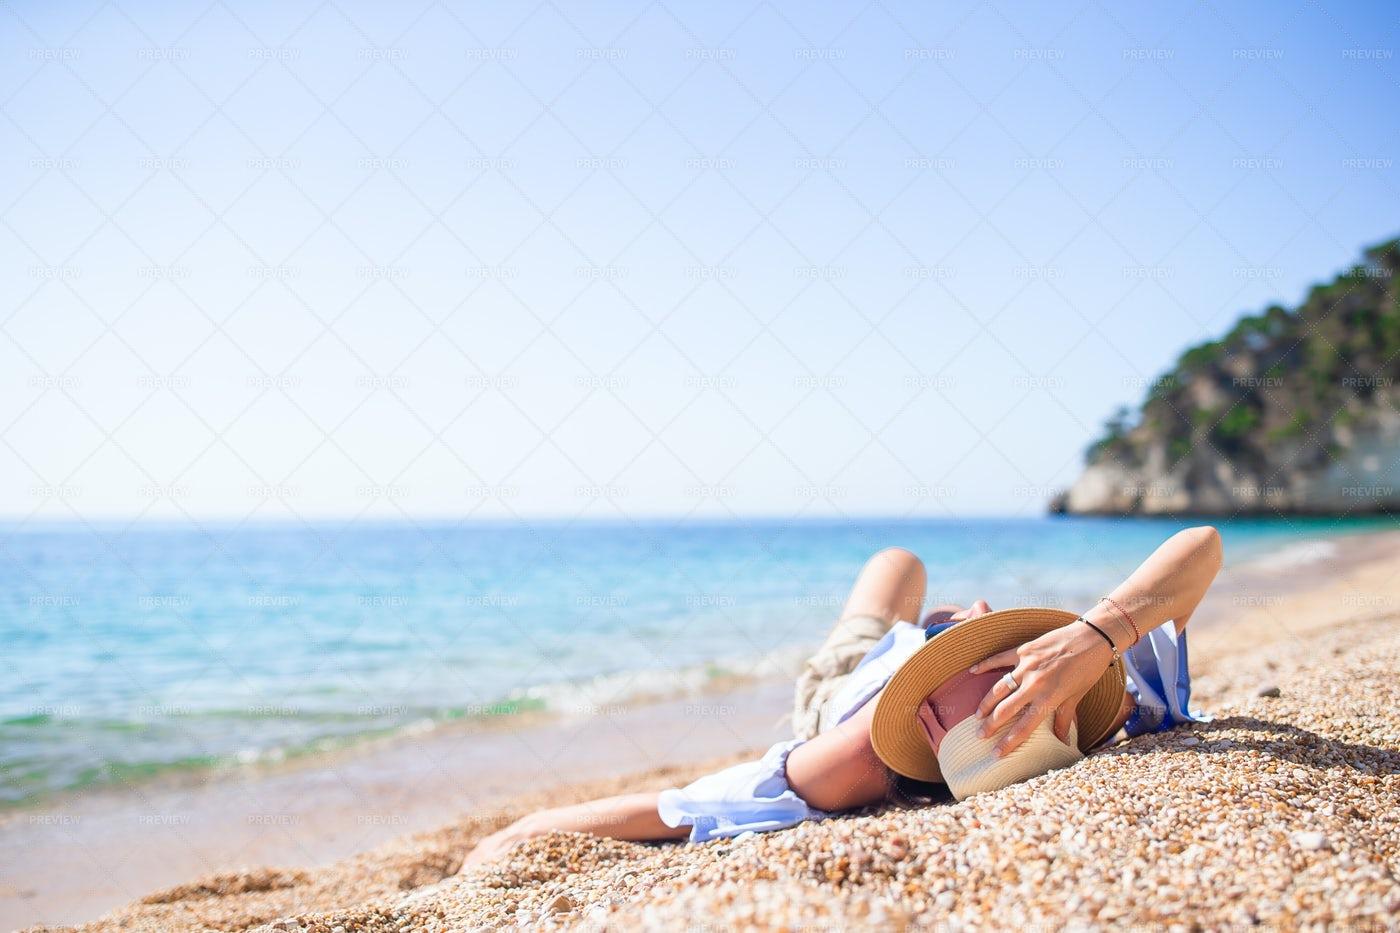 Lying In Beach Sand: Stock Photos